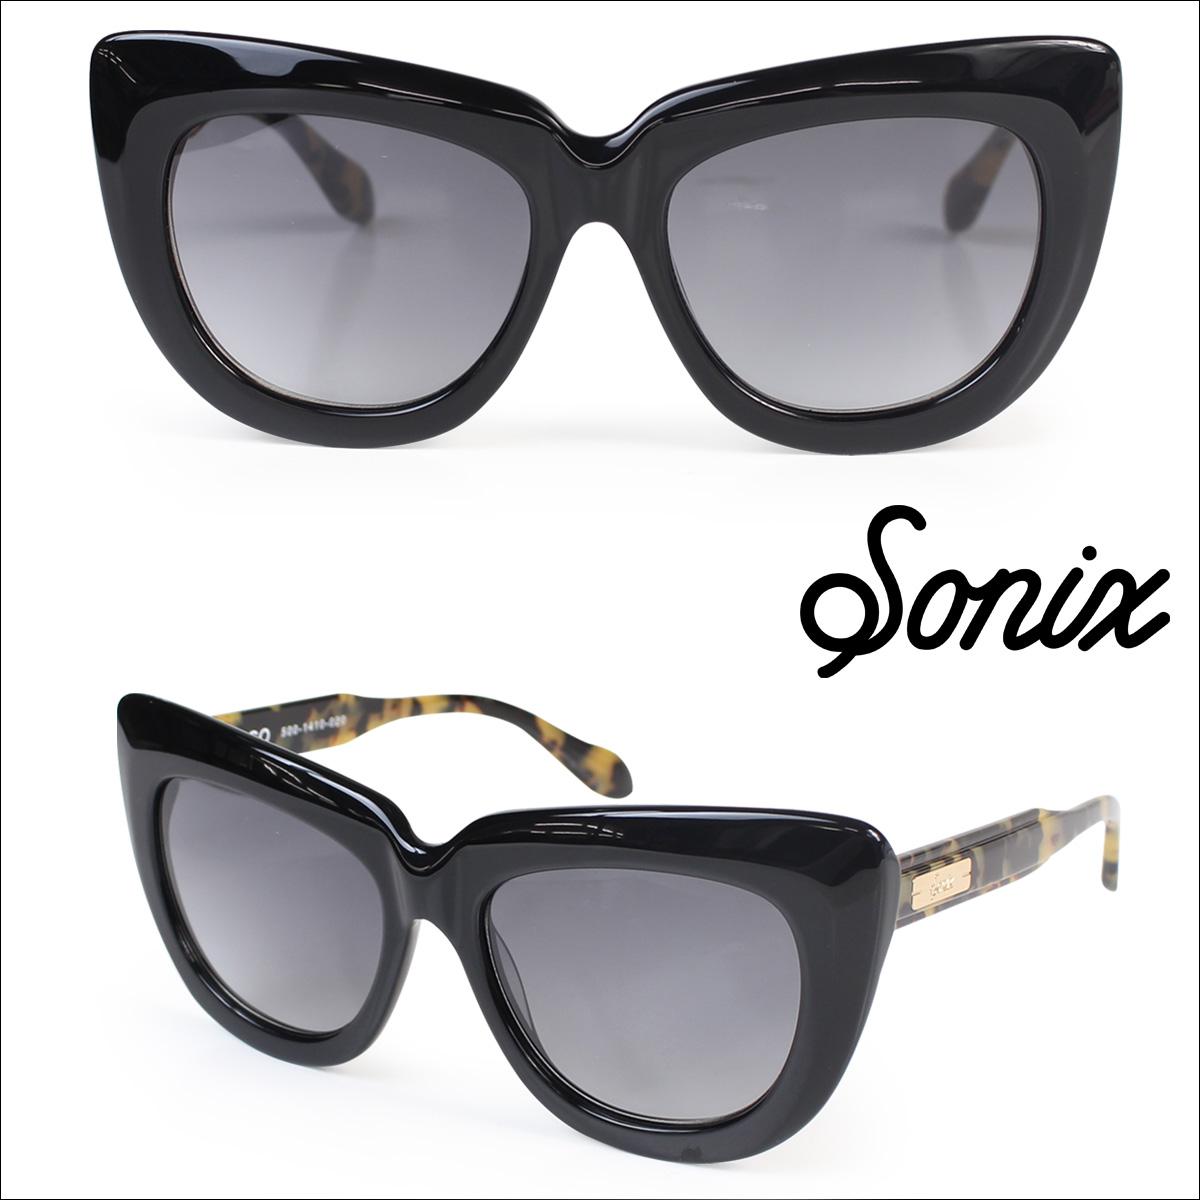 Sonix ソニックス サングラス レディース COCO 500-1410-020 ブラック